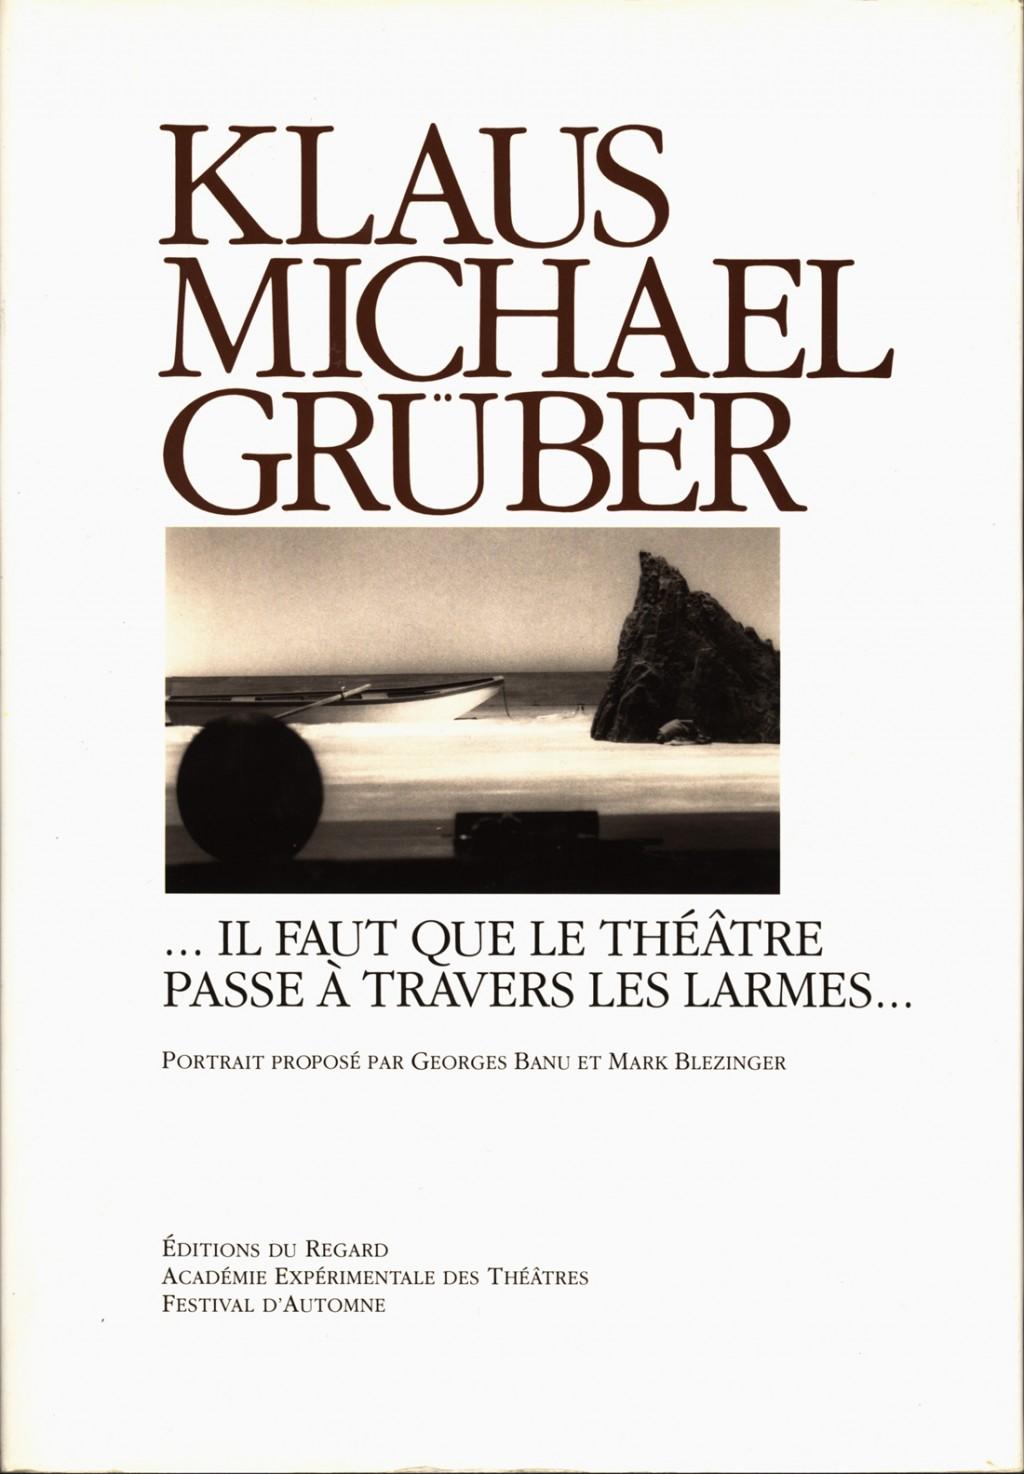 """KLAUS MICHAEL GRÜBER - """"il faut que le Théâtre passe à travers les larmes..."""""""